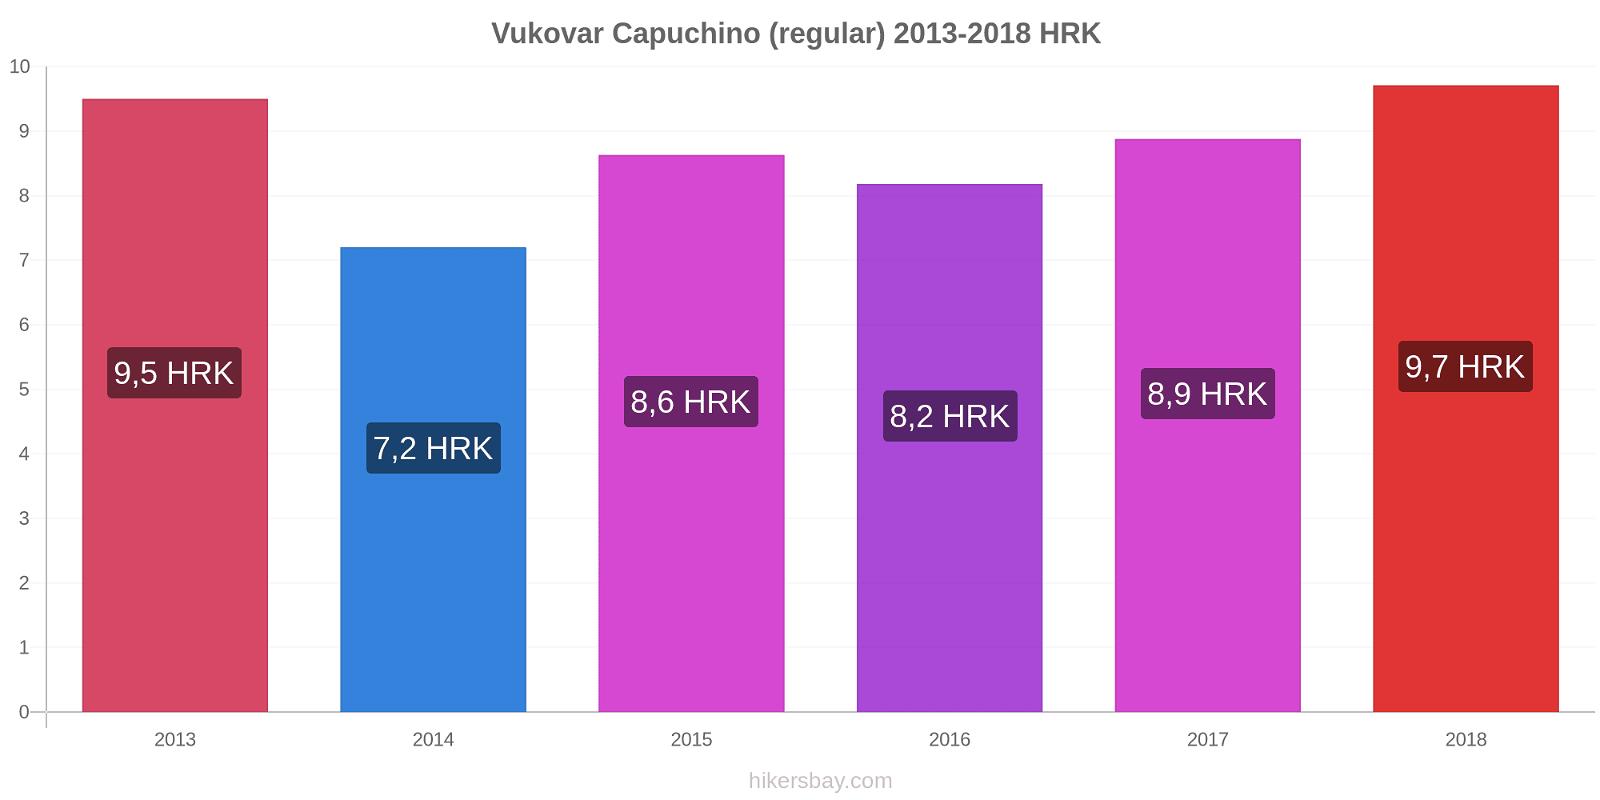 Vukovar cambios de precios Capuchino (regular) hikersbay.com